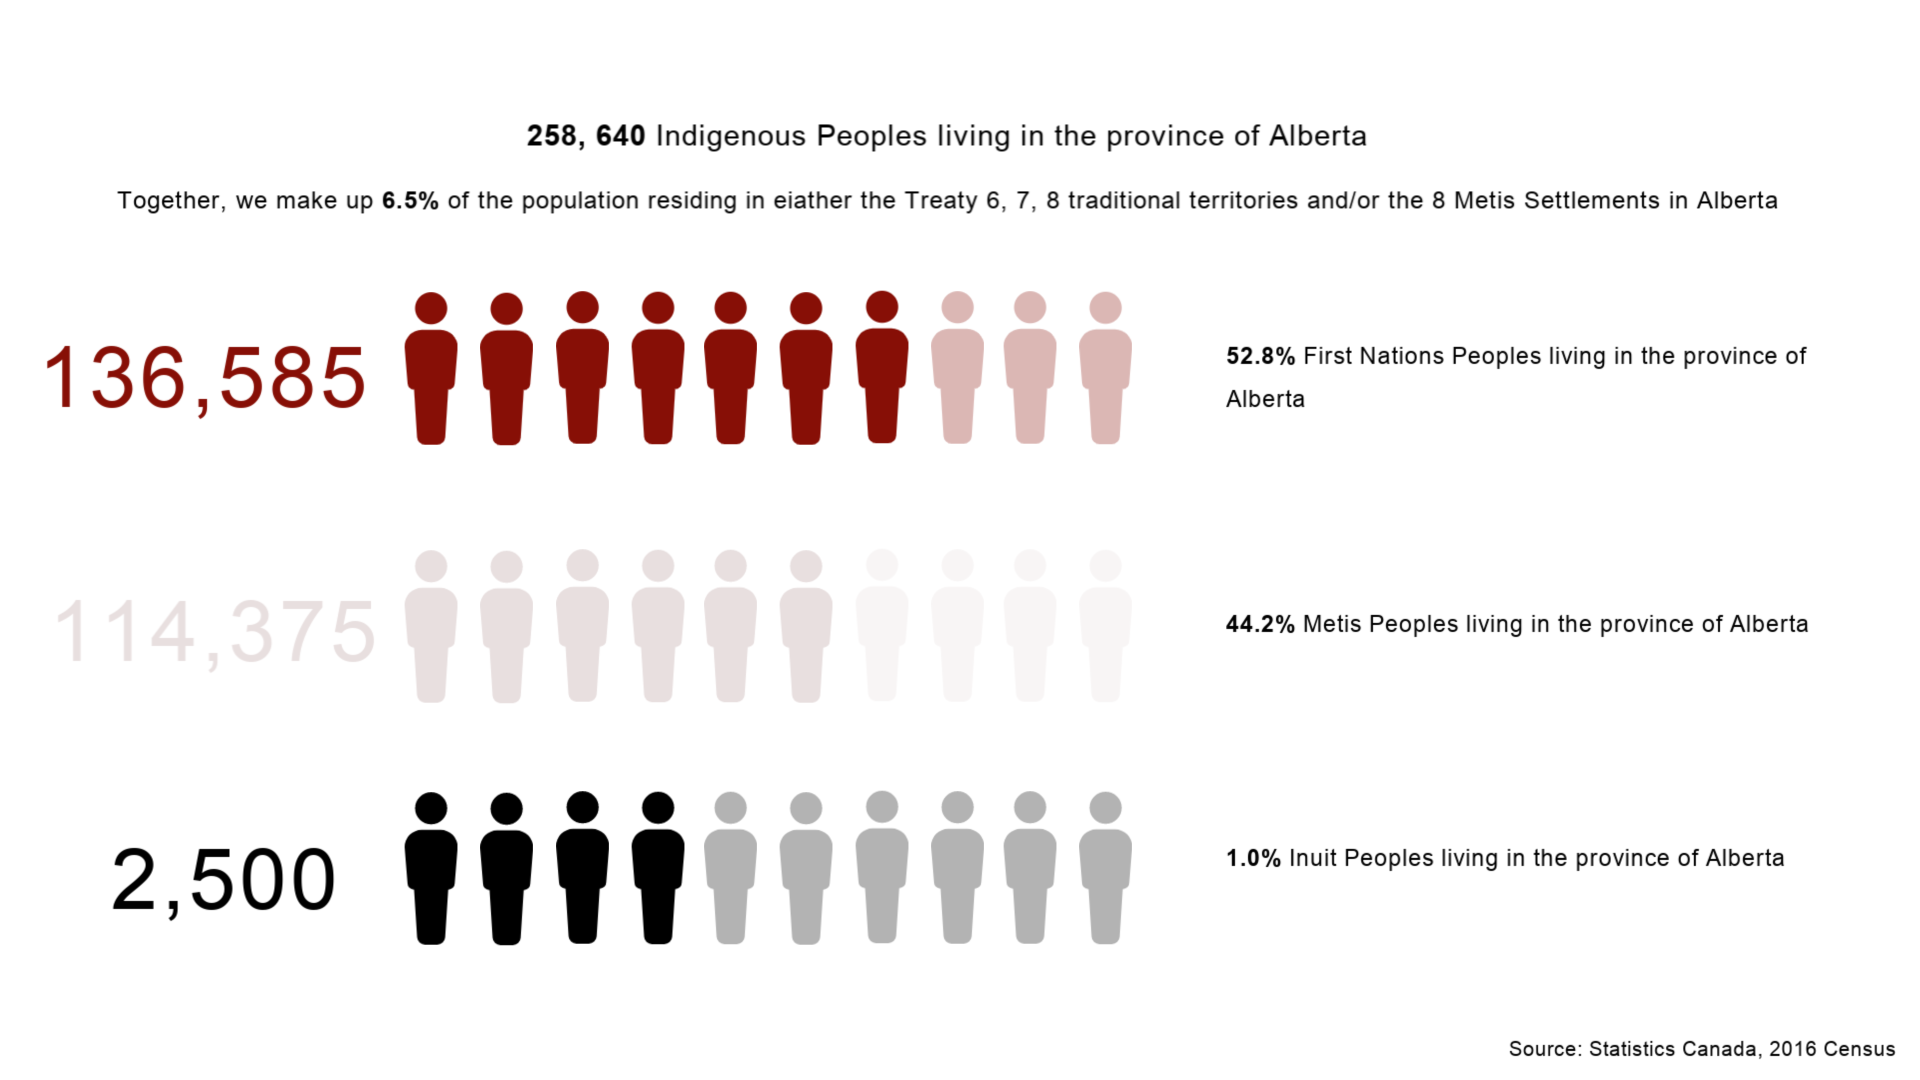 Indigenous Peoples in Alberta